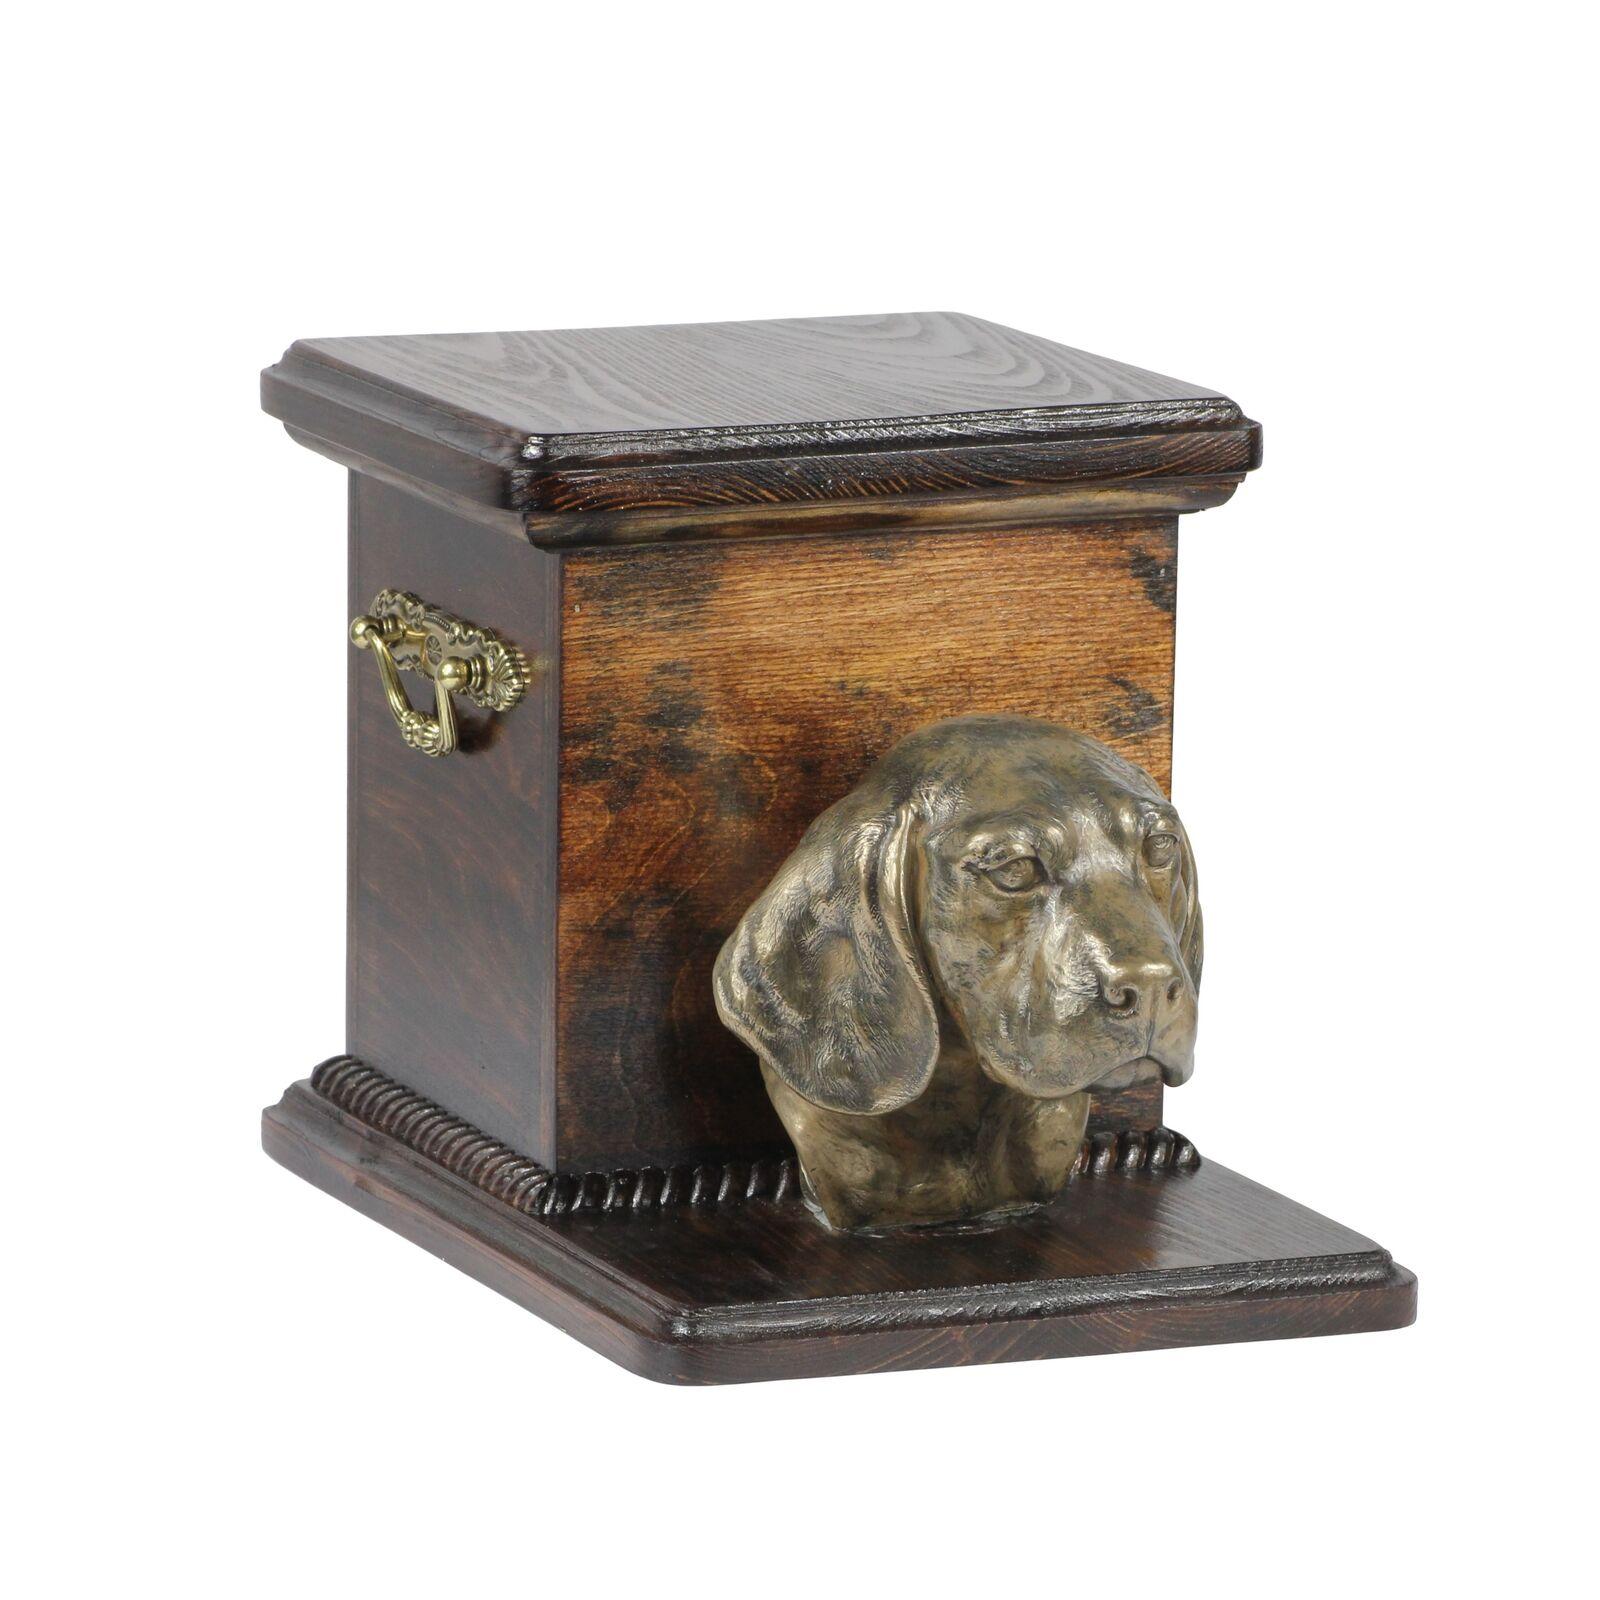 Beagle - urna di legno con l'immagine di un cane Art Dog IT Tipo 2